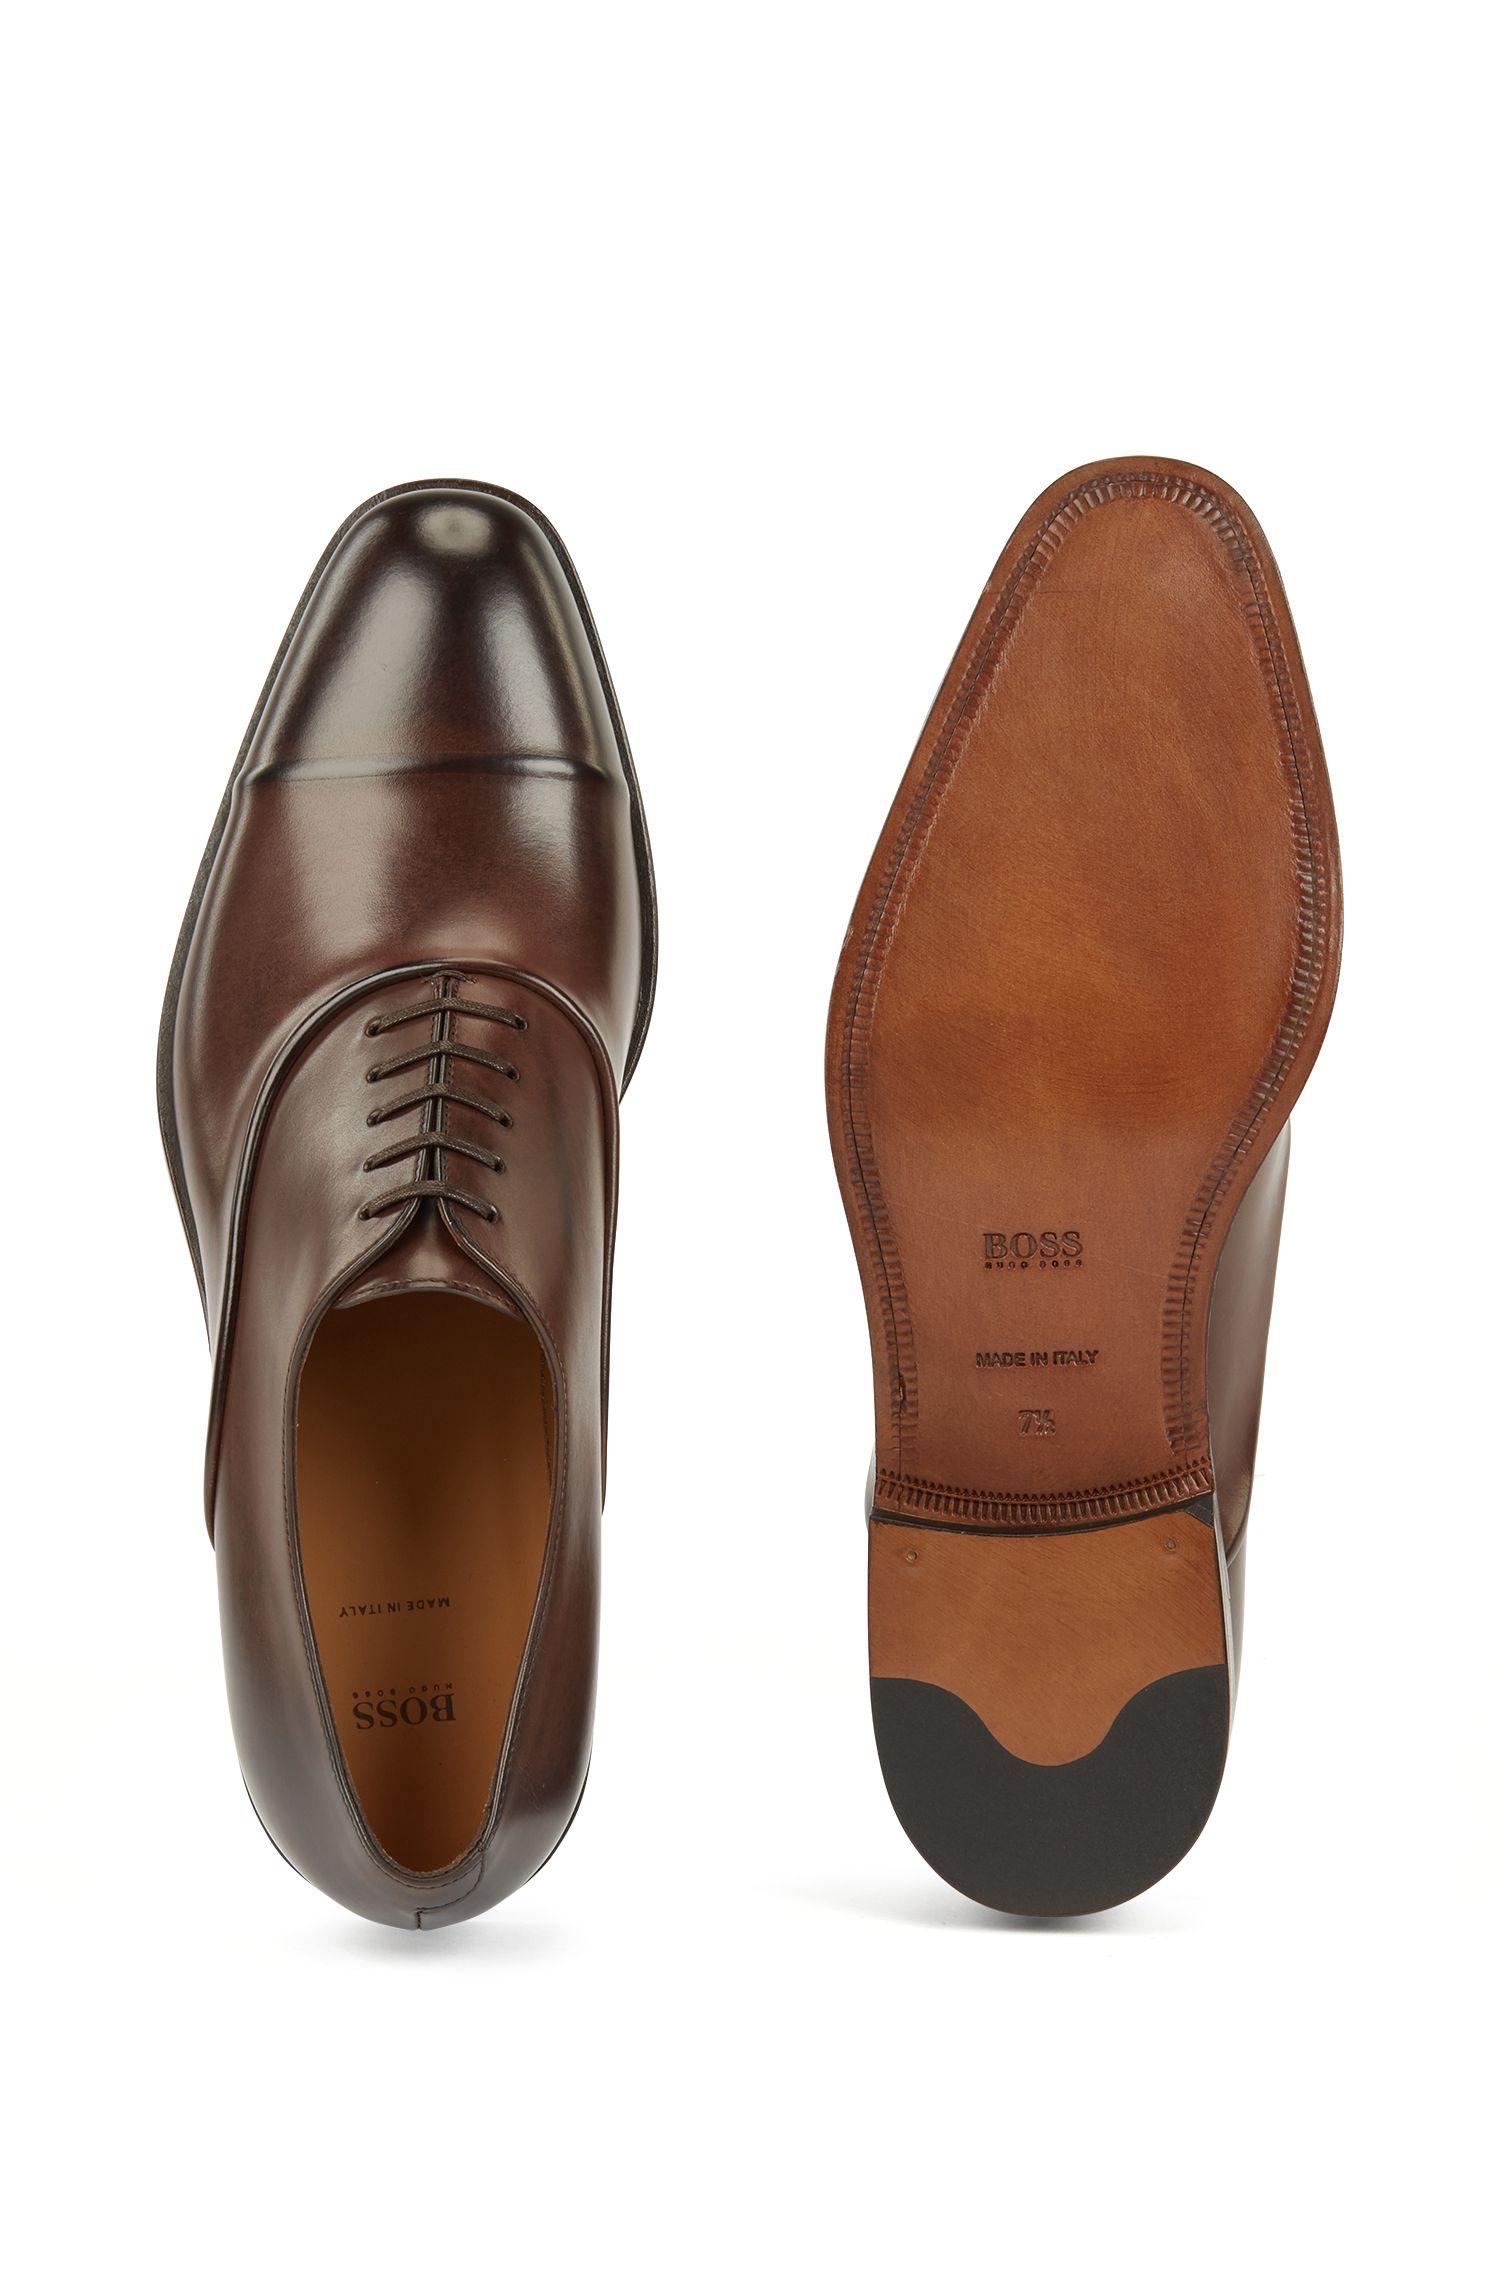 Hugo Boss - Zapatos Oxford elaborados en Italia en piel de becerro de curtido vegetal - 5